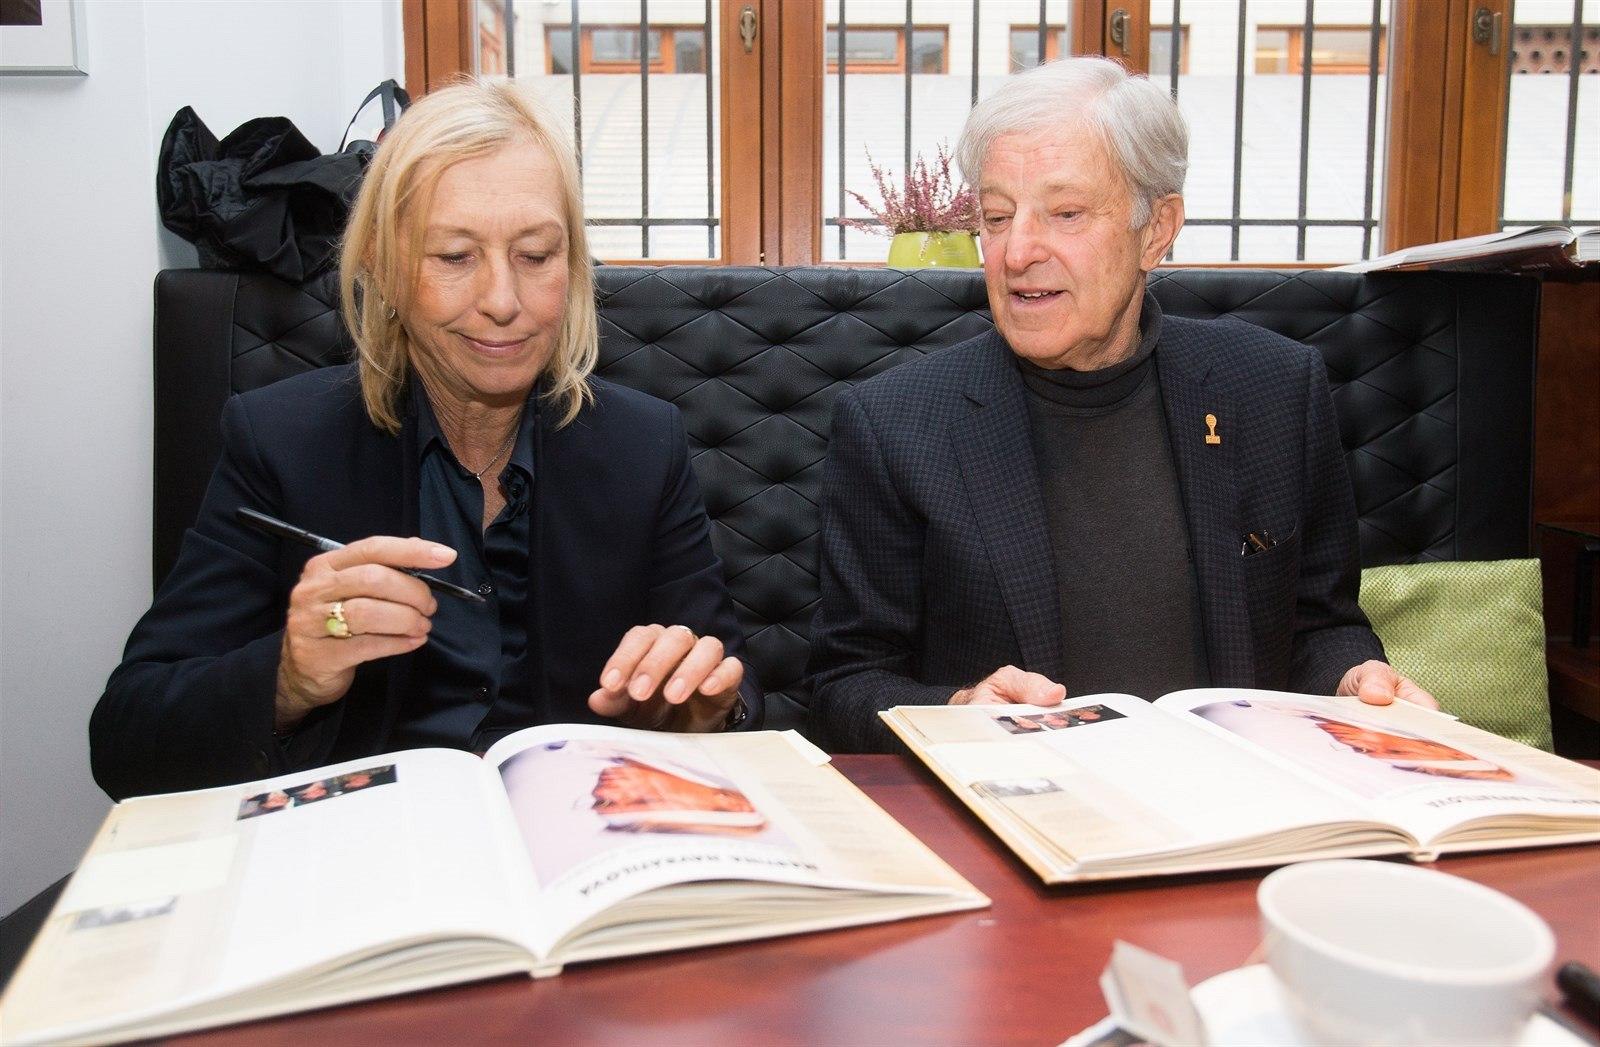 Fotogalerie Jan KodeÅ¡ a Martina Navrátilová při představen minc